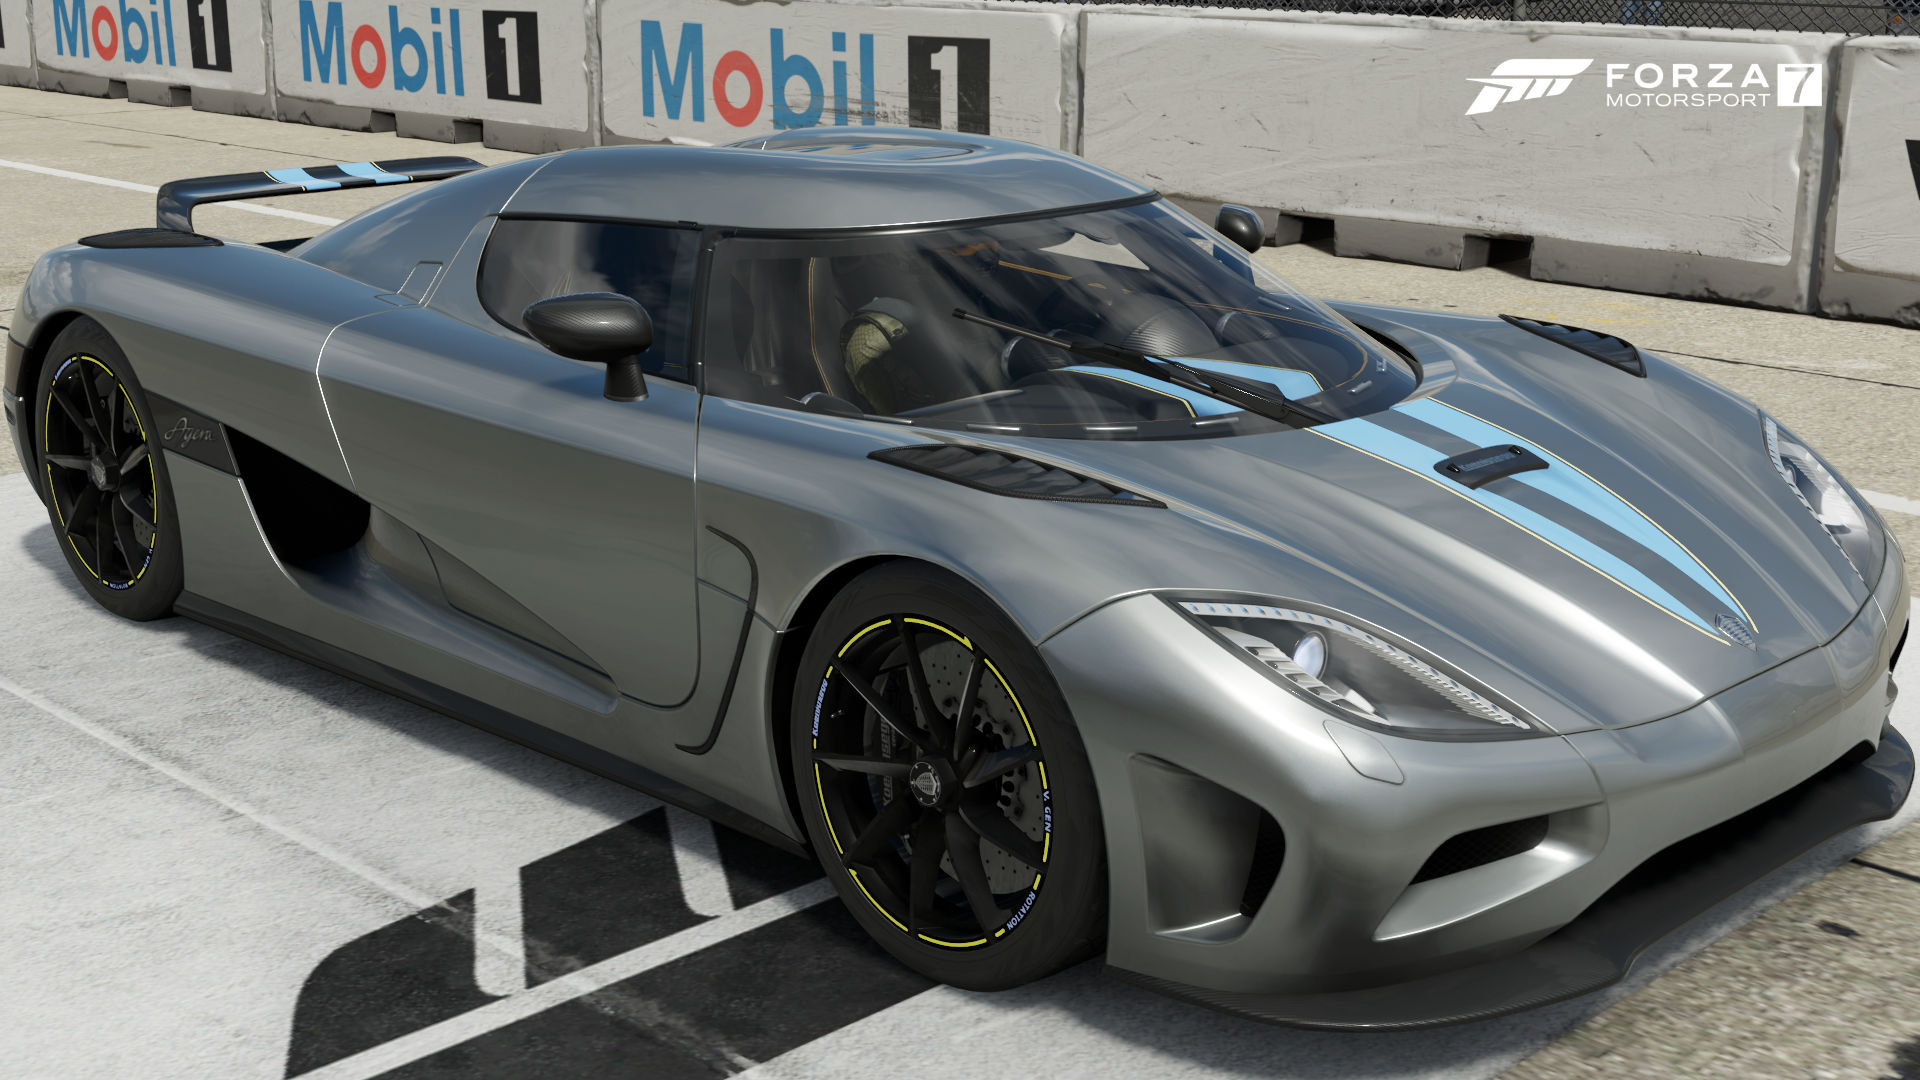 Koenigsegg Agera | Forza Motorsport Wiki | FANDOM powered by Wikia